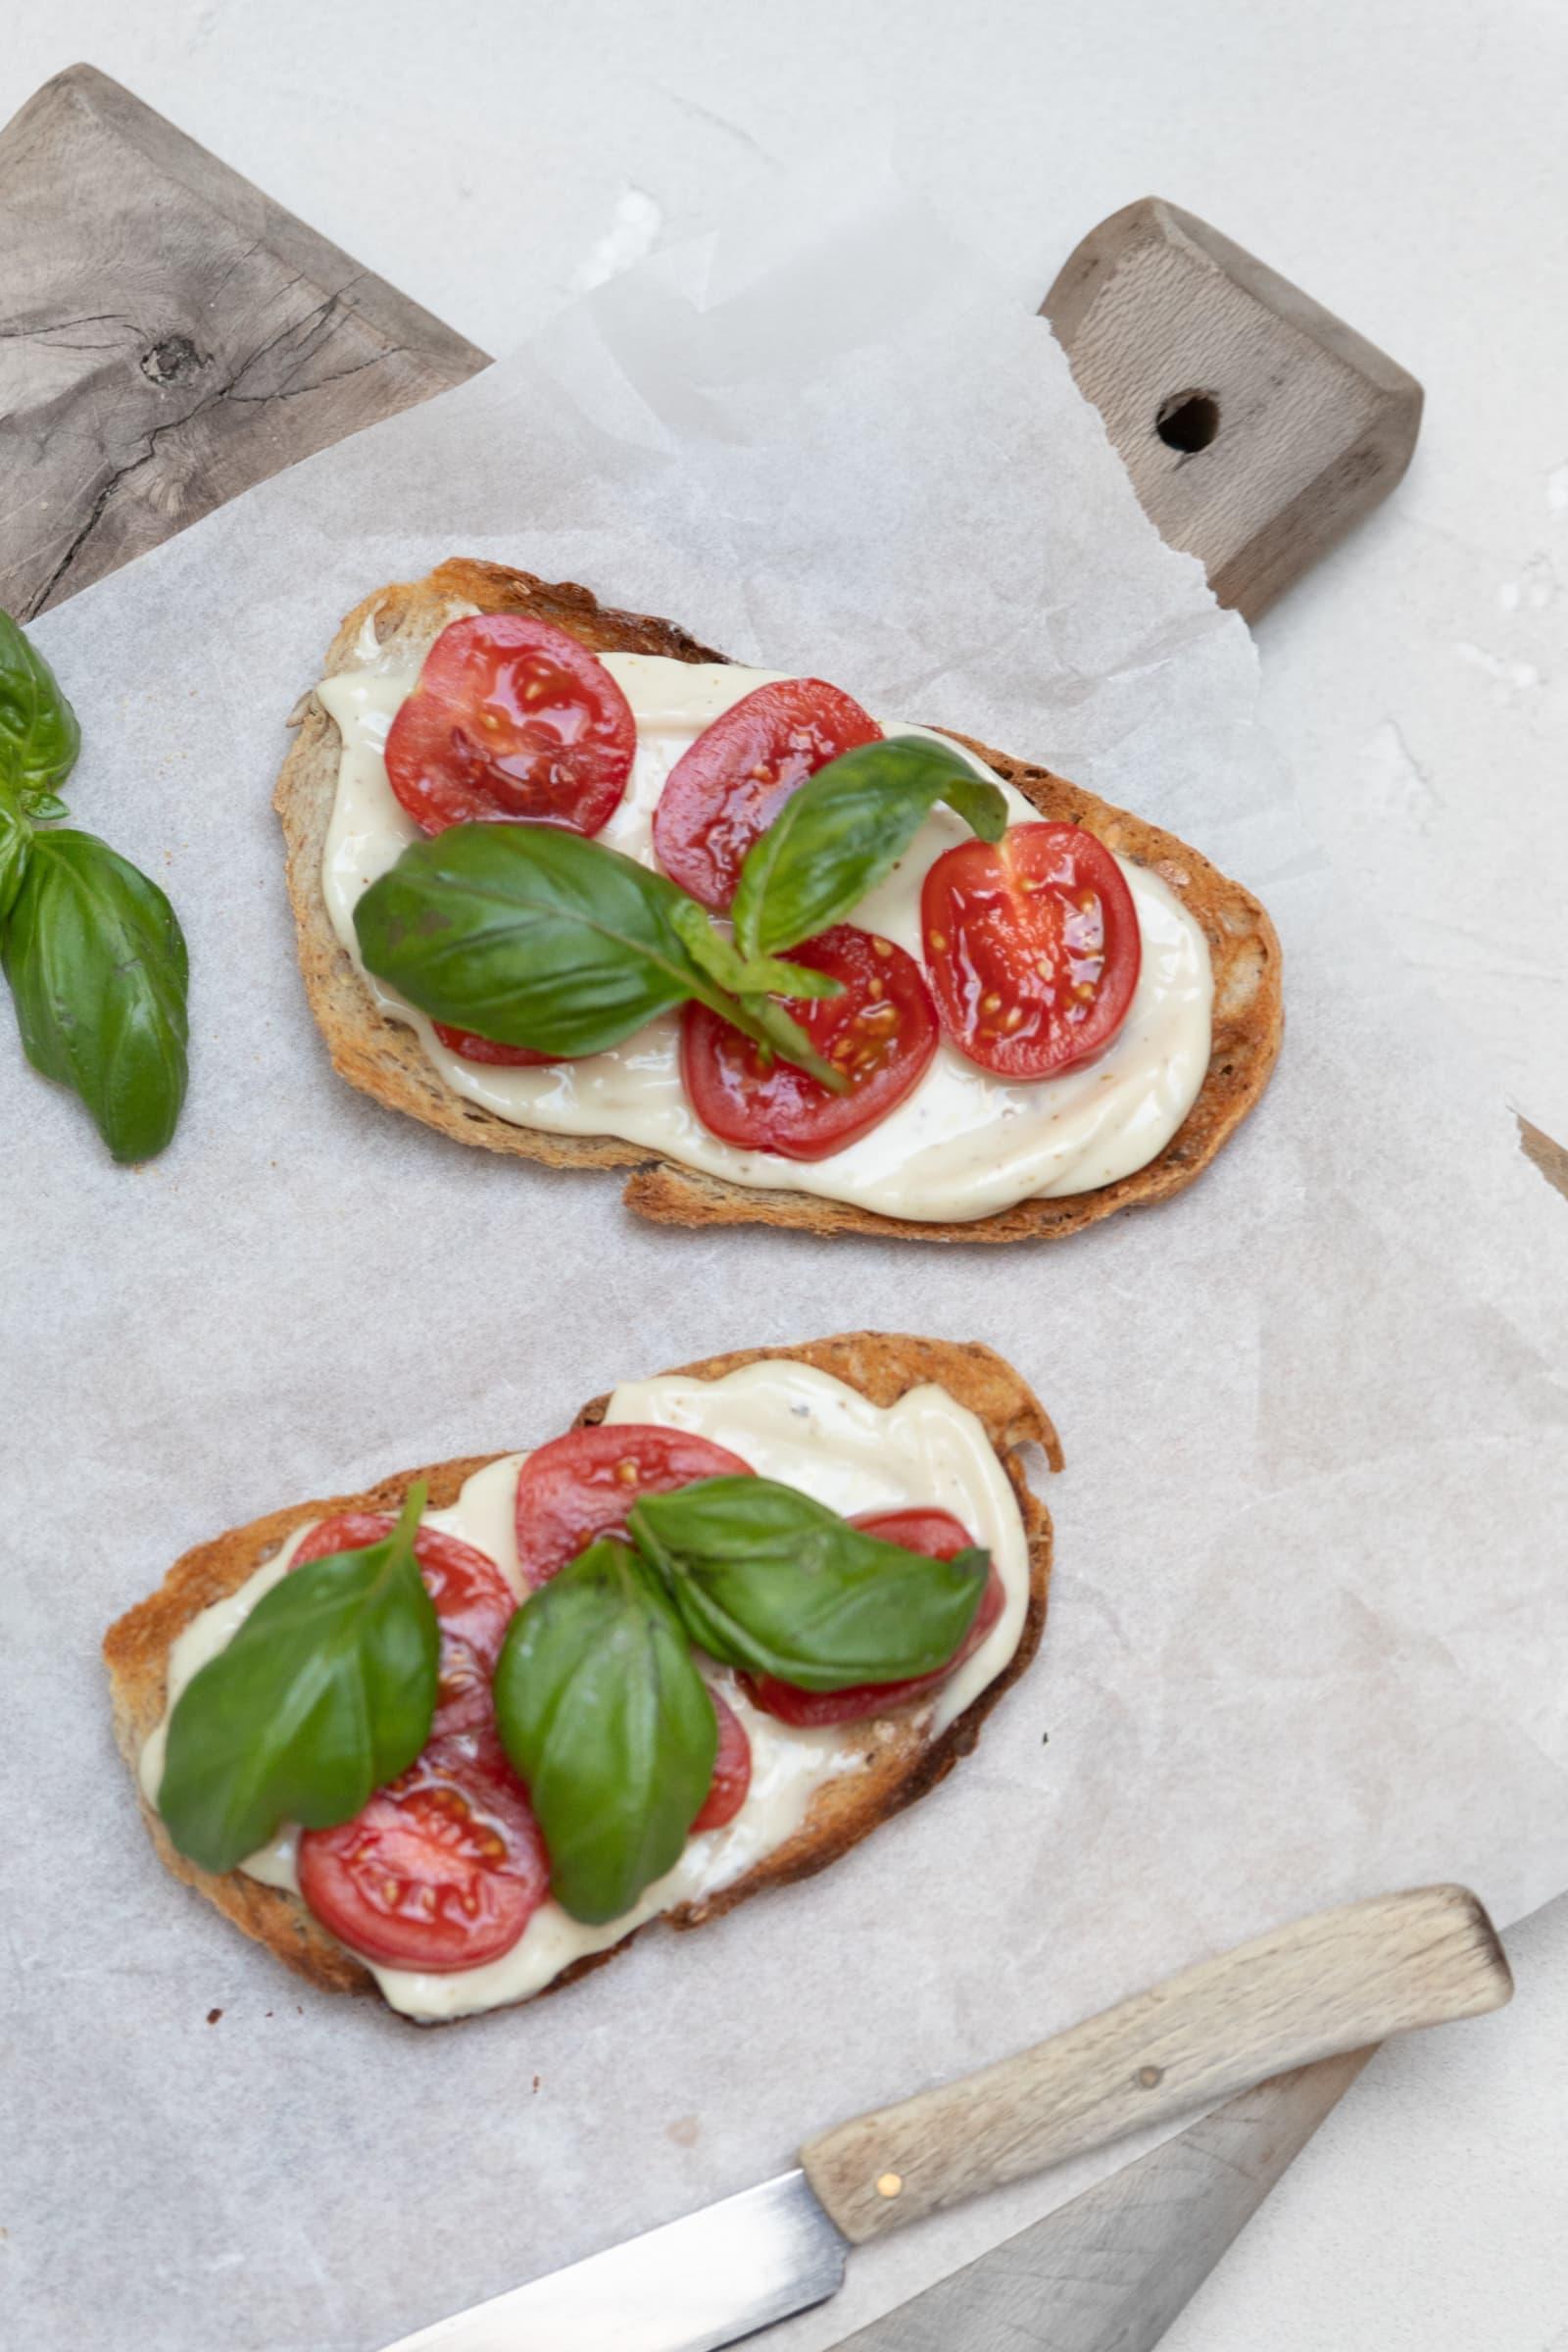 En slags bruschetta med MagerOst Pesto, tomater og basilikum på toast